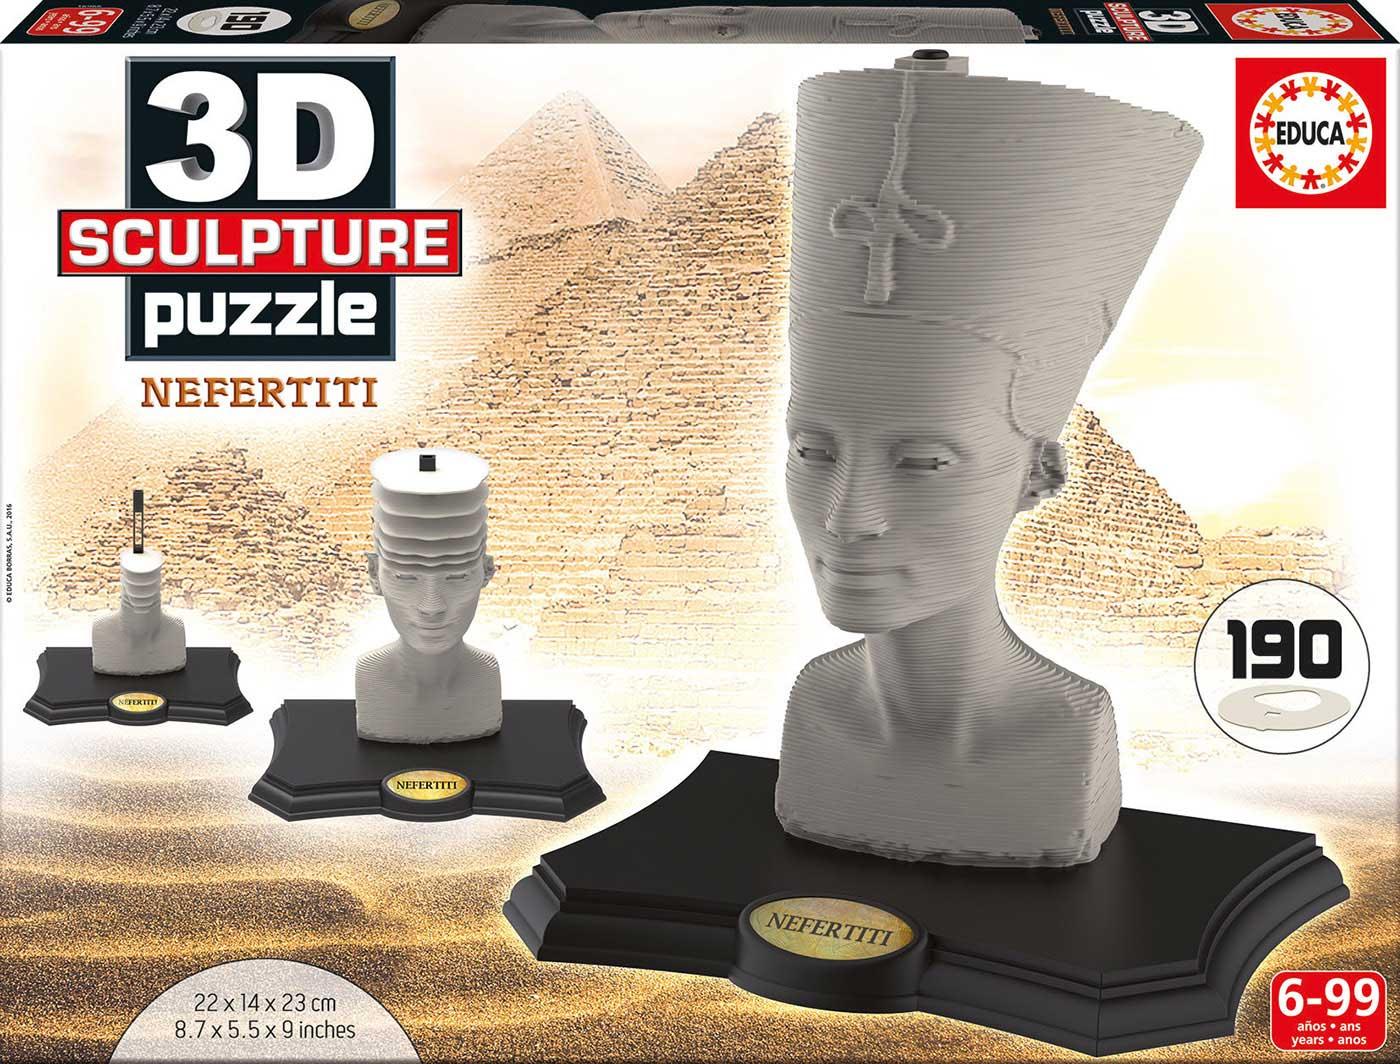 Puzzle 3D Sculpture Nefertiti de 190 Piezas